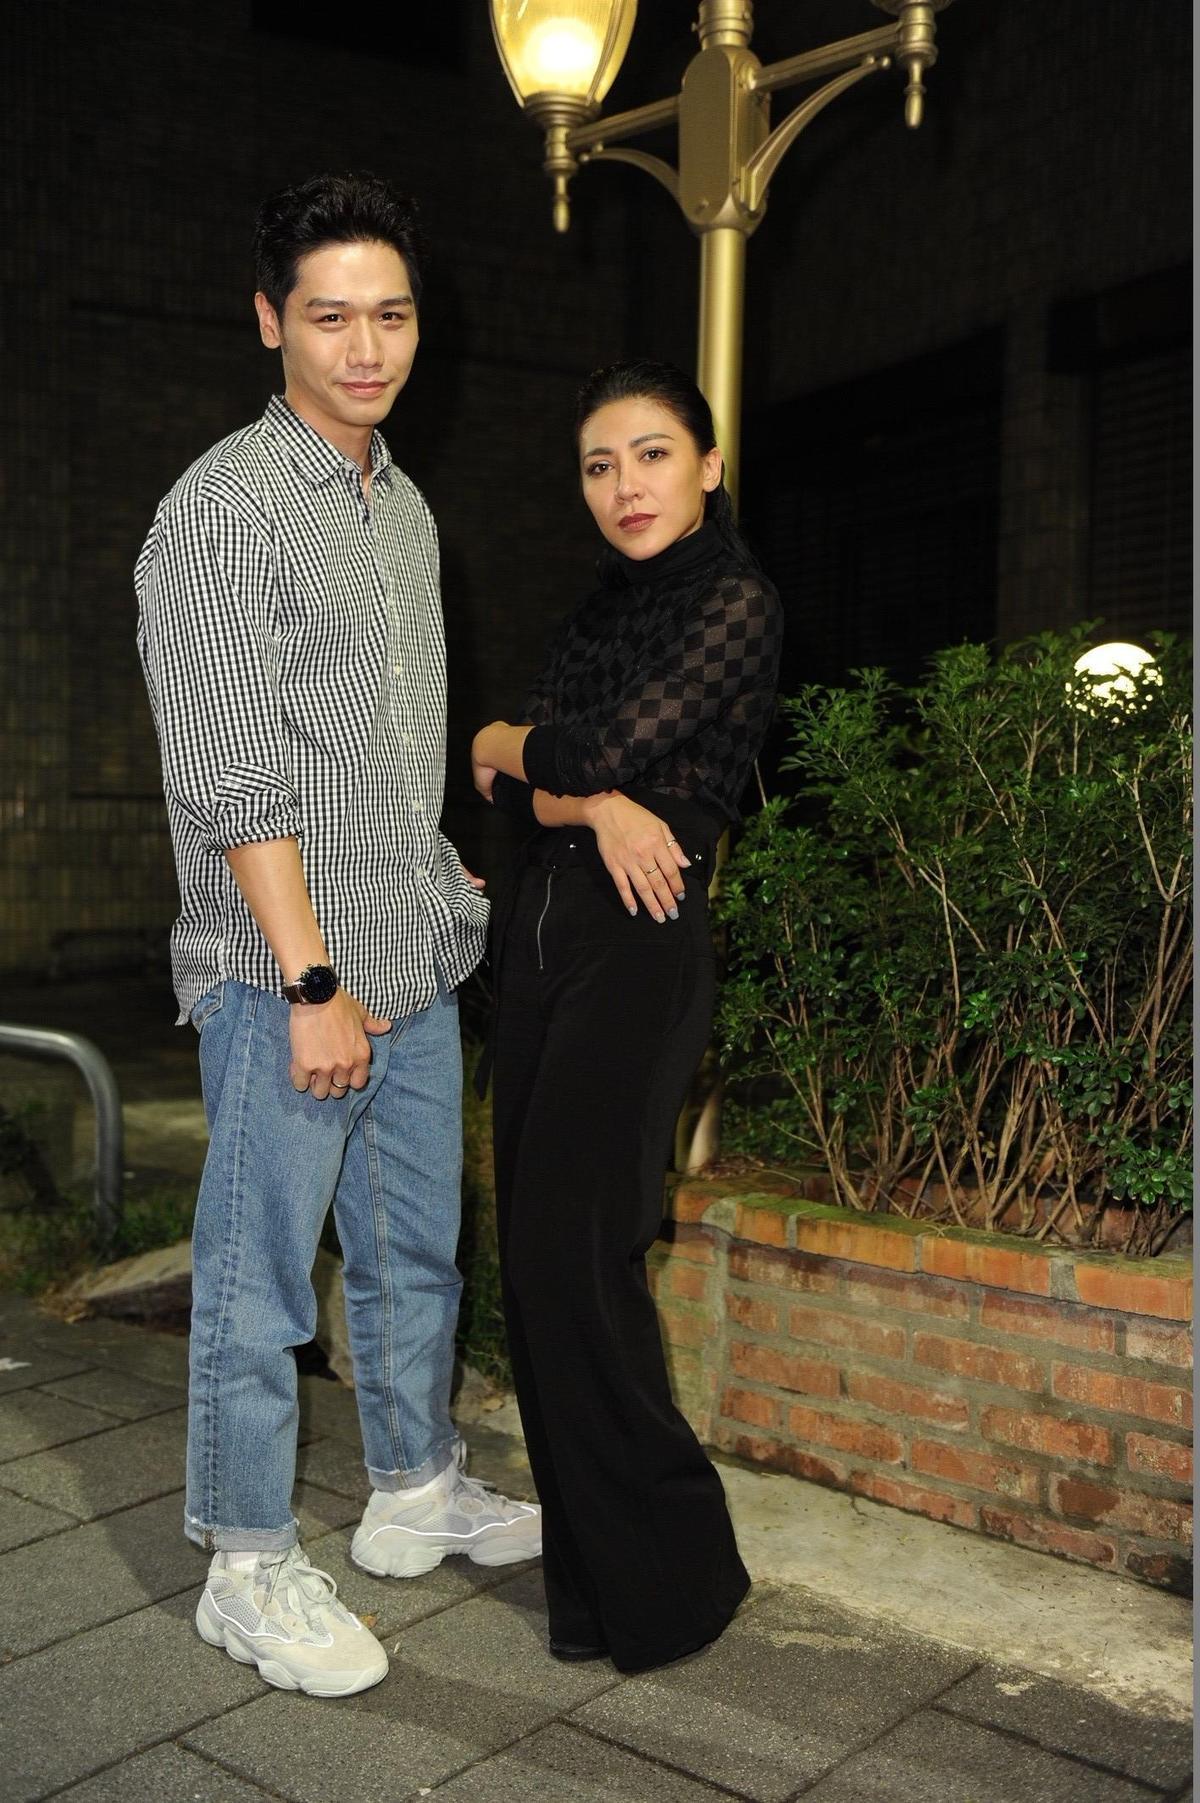 好友蔡旻來到現場給艾怡良打氣,兩人原來已有三個月沒見面。(EMI環球提供)